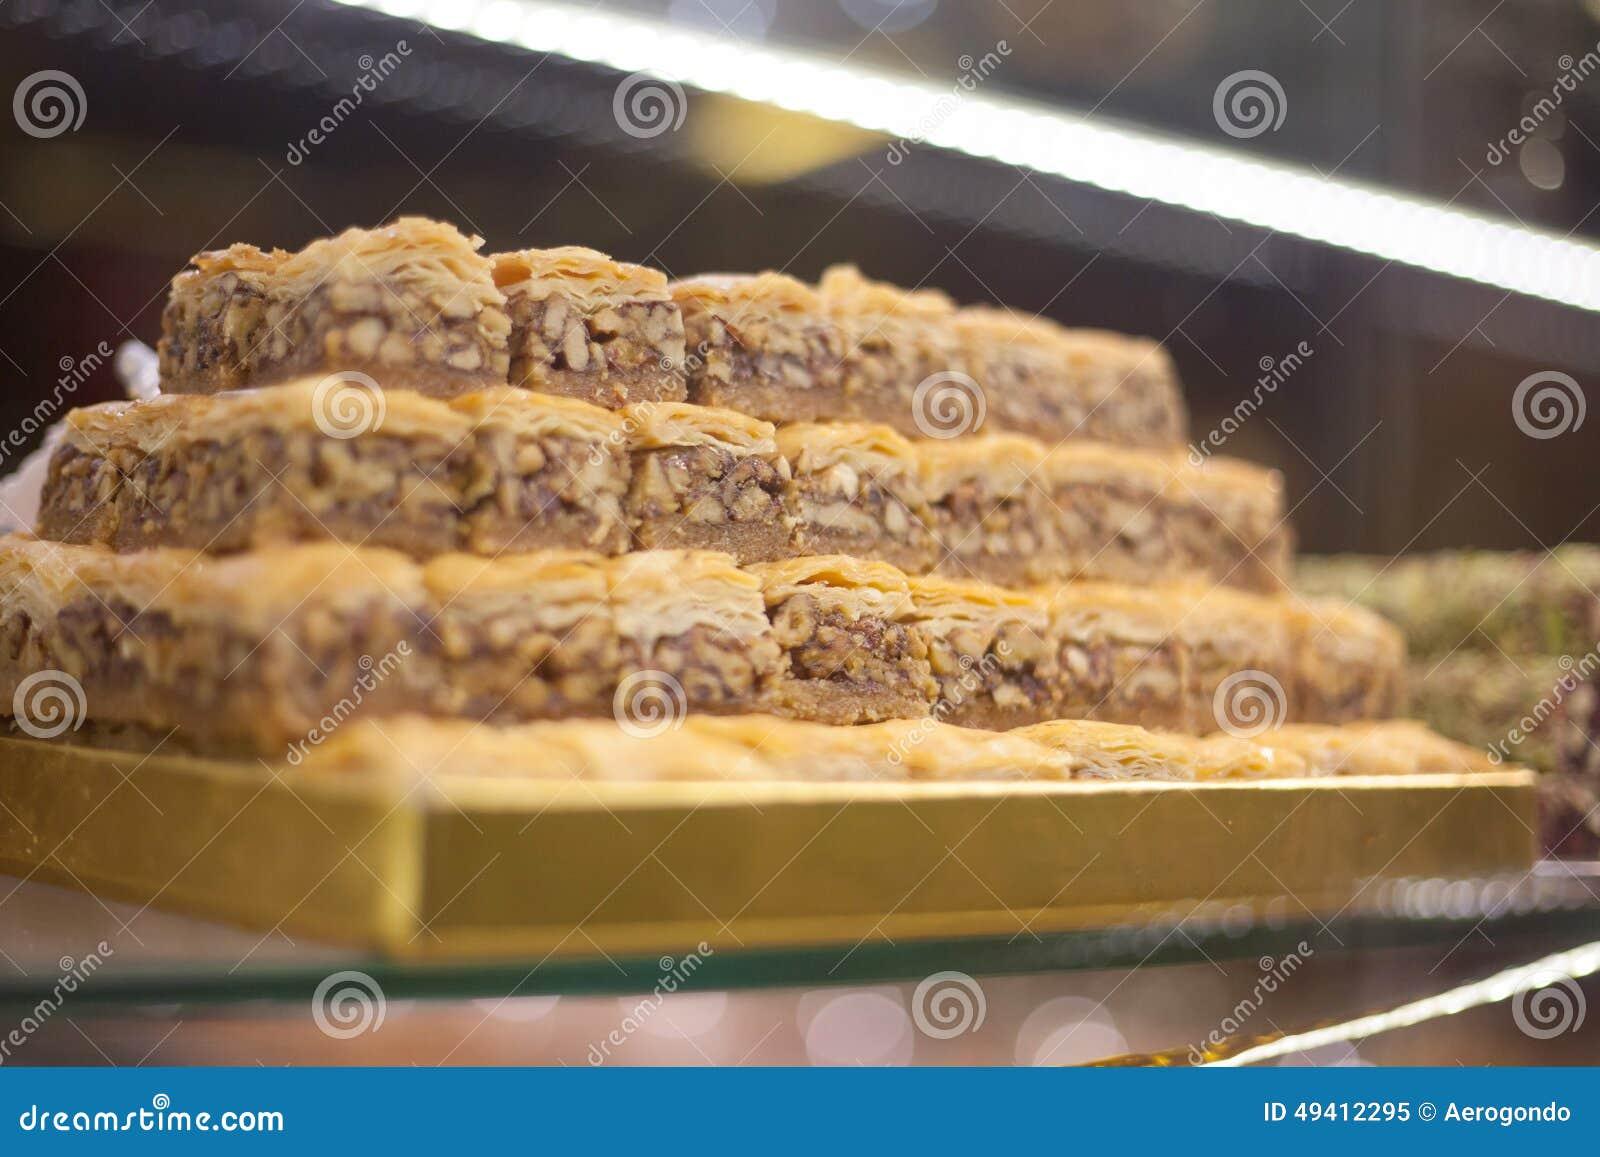 Download Türkische Bonbons In Der Konditorei Stockbild - Bild von weiß, zucker: 49412295